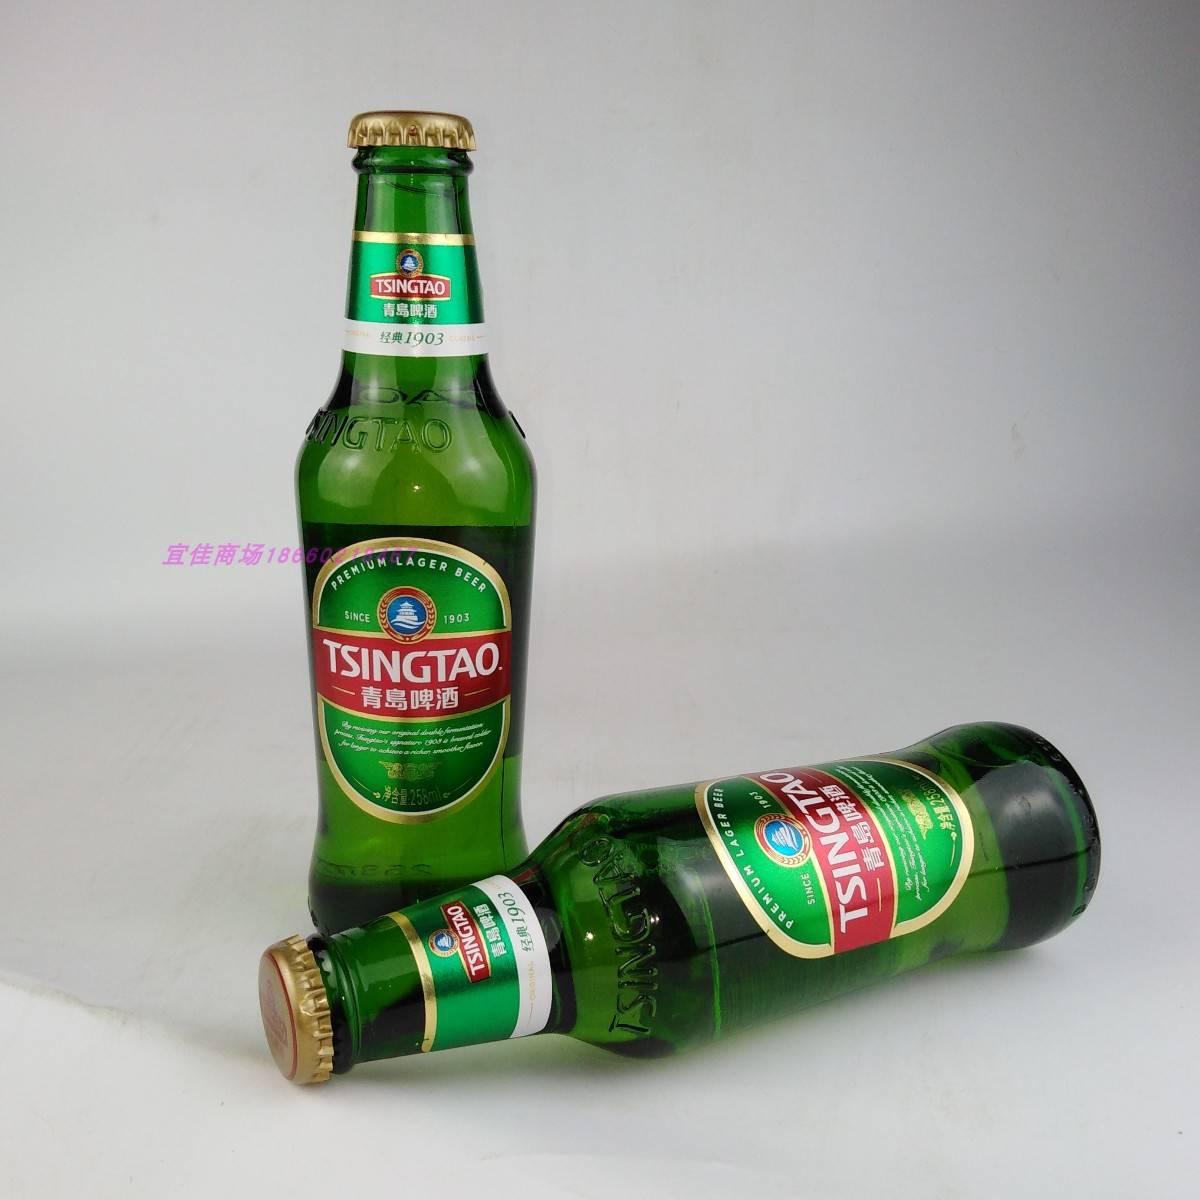 经典青岛啤酒价格-青岛啤酒冰酒和纯干有什么区别?-大麦丫-精酿啤酒连锁超市,工厂店平价酒吧免费加盟